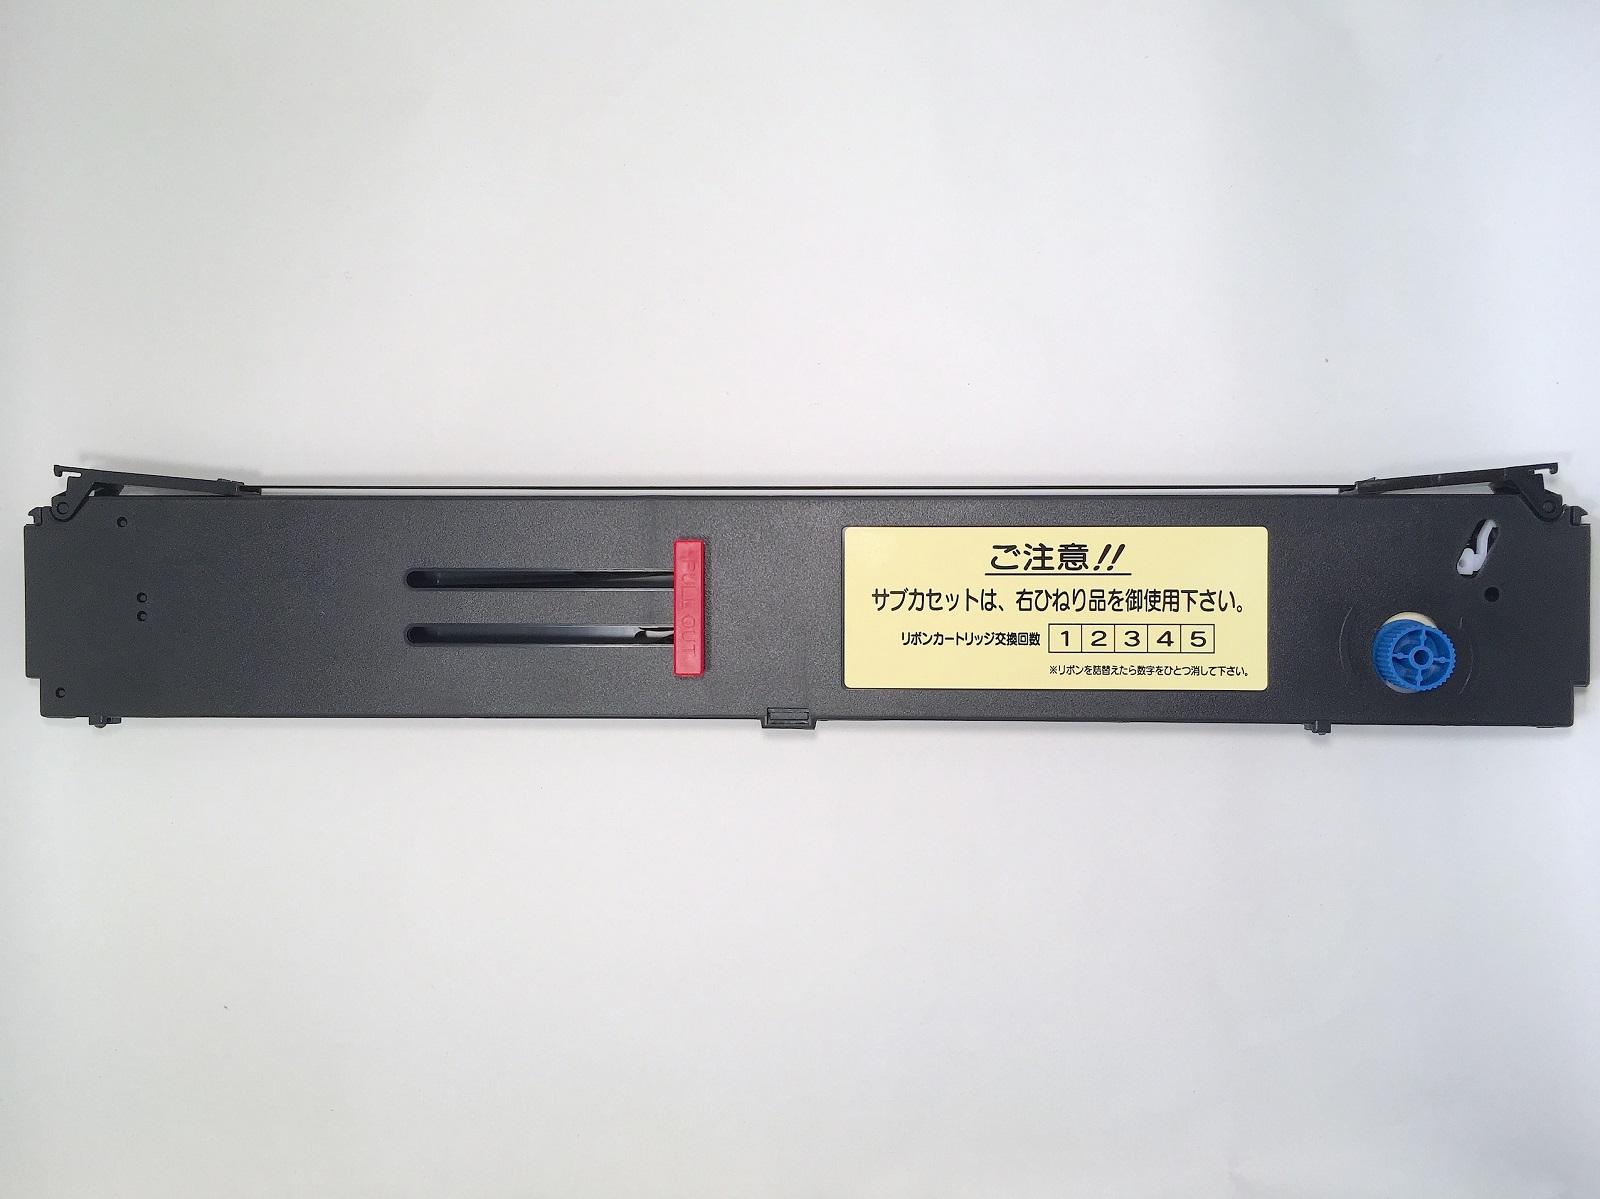 沖 / OKI 用 汎用品インクリボンML8720SE (RBN-00-006)(BK)  6個(送料無料)